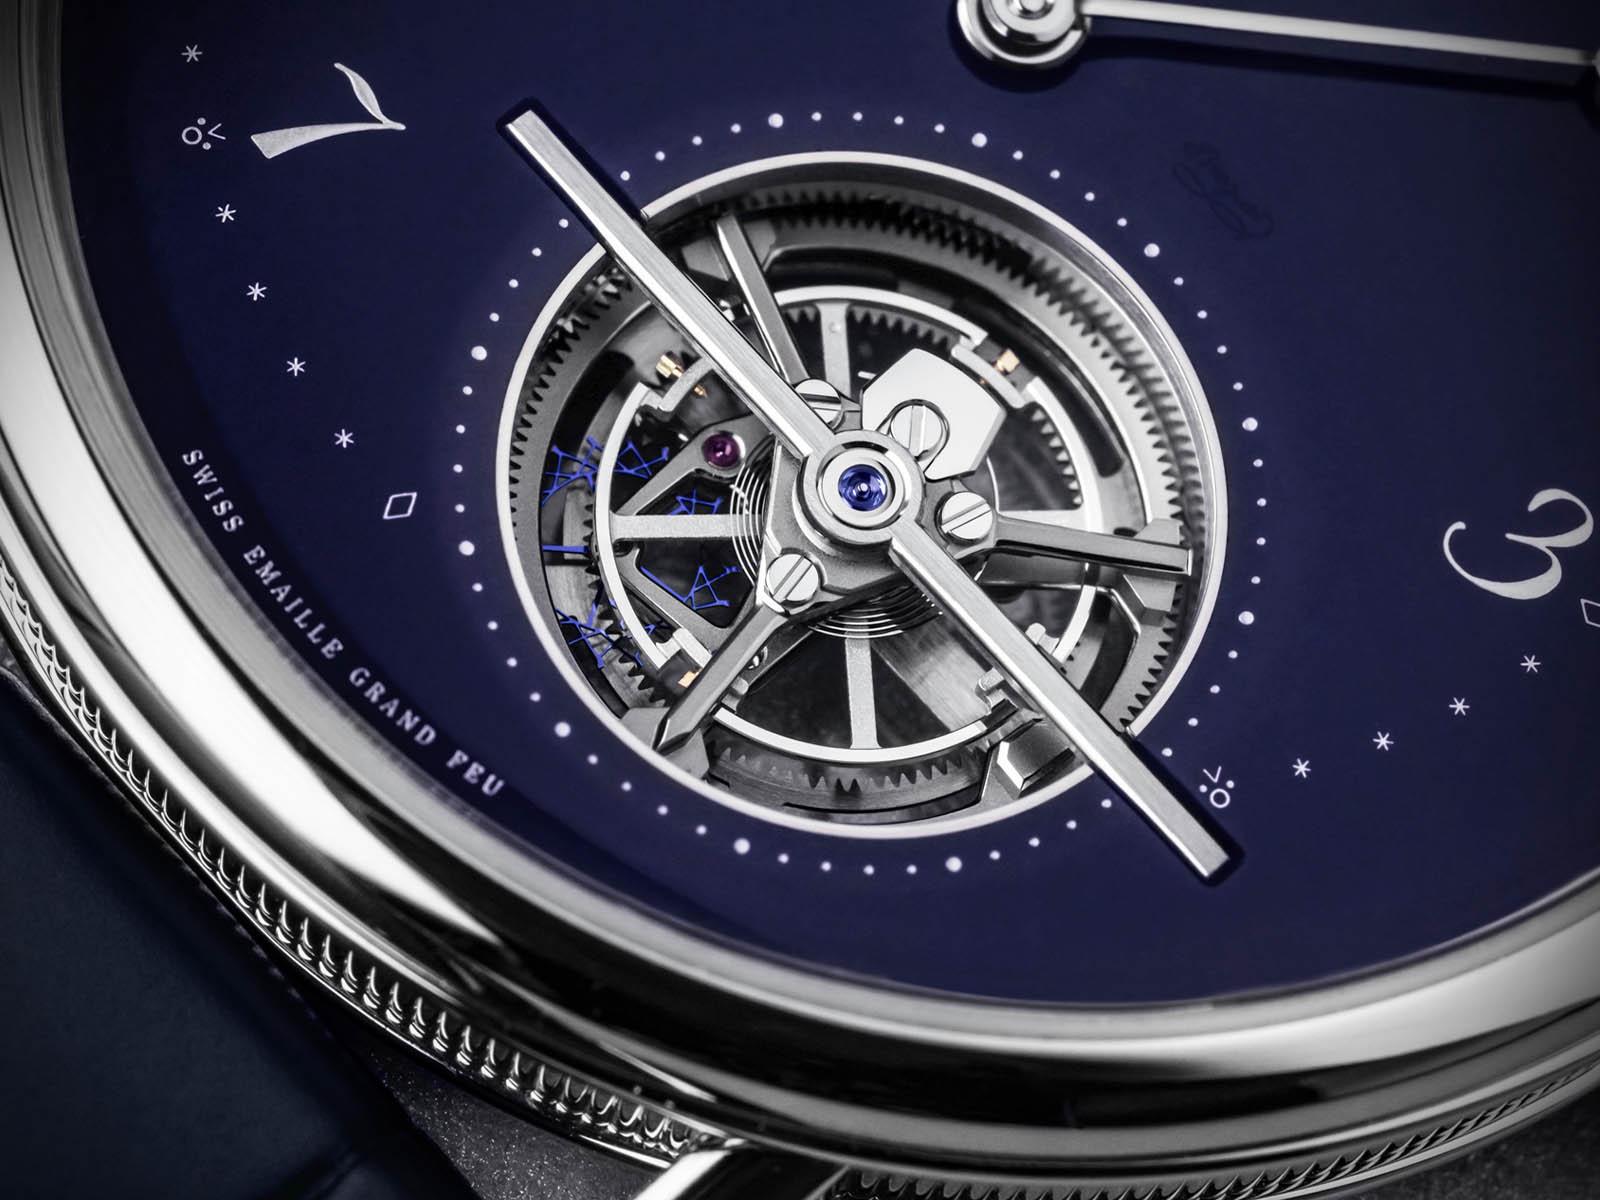 5367pt-2y-9wu-breguet-classique-tourbillon-extra-plat-automatique-5367-blue-5.jpg